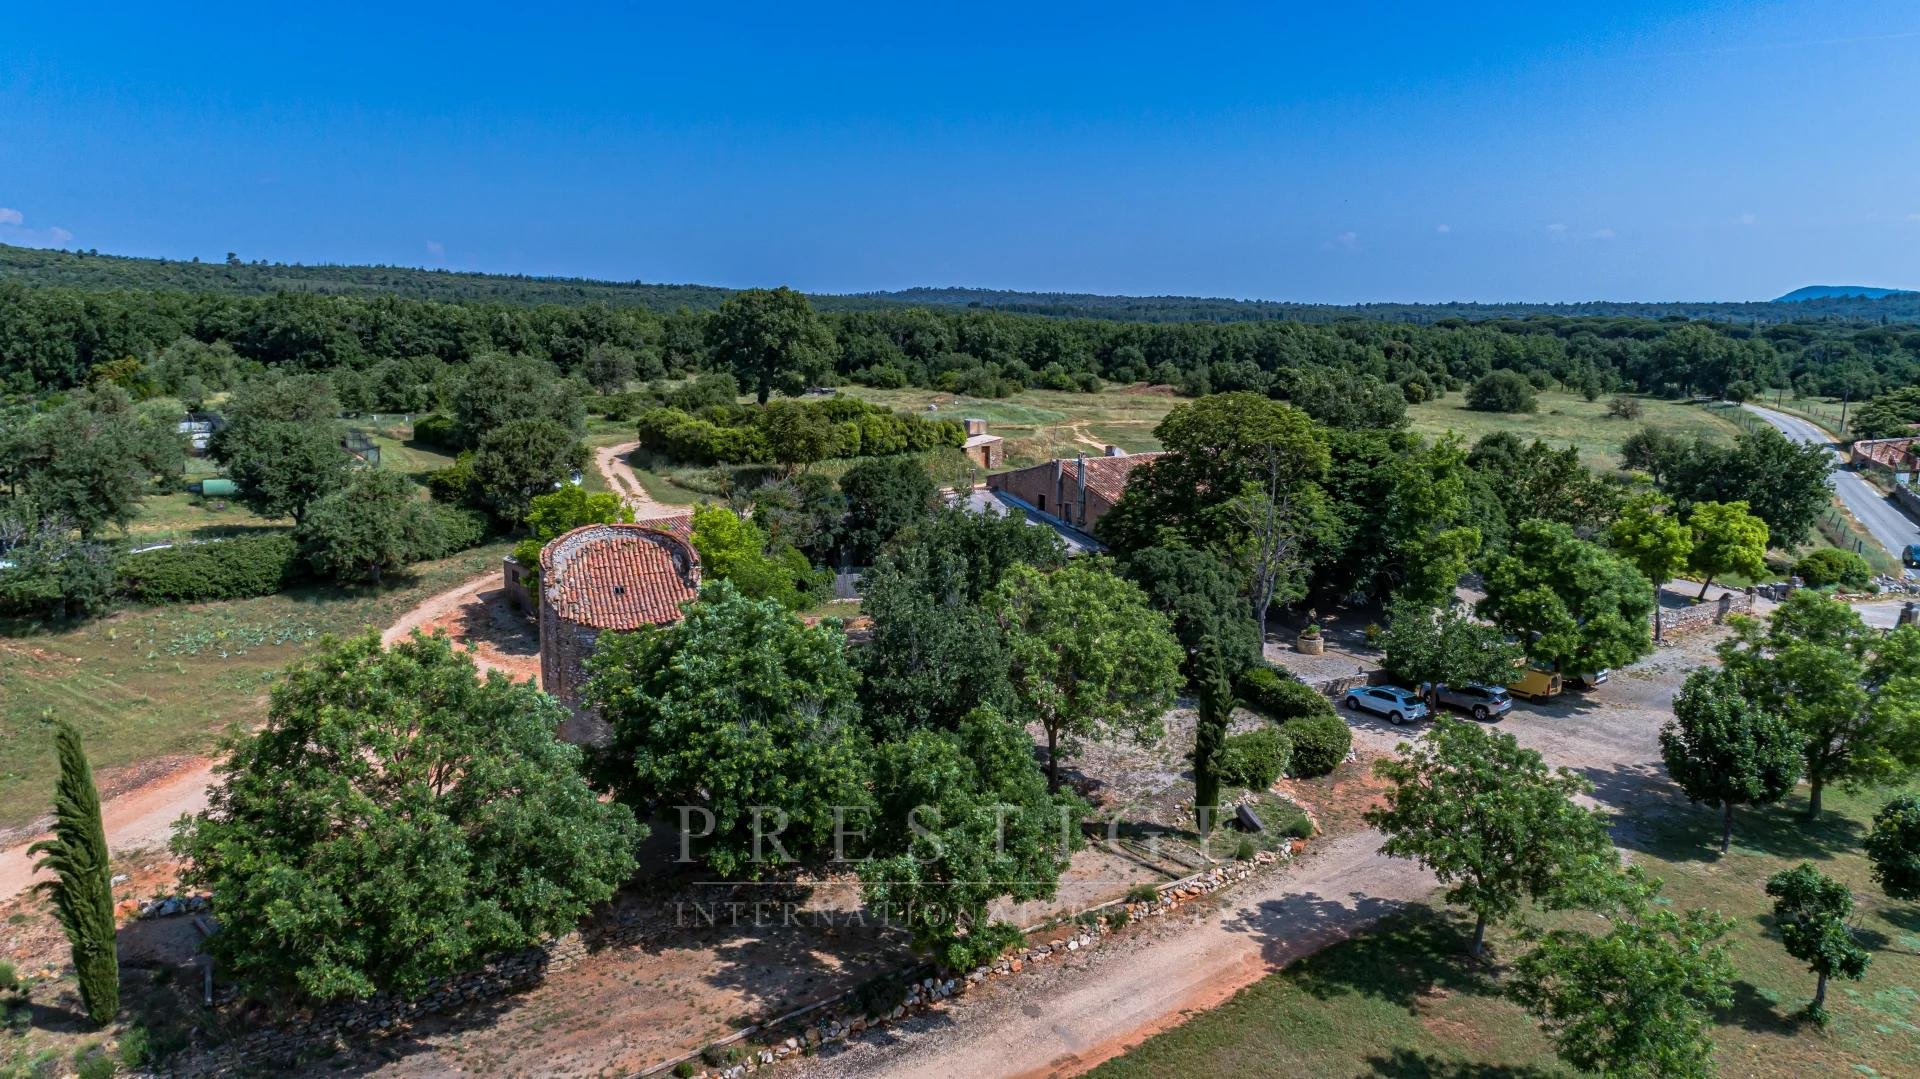 Domaine de 220 hectares à Rians avec 1460 m² de bâti